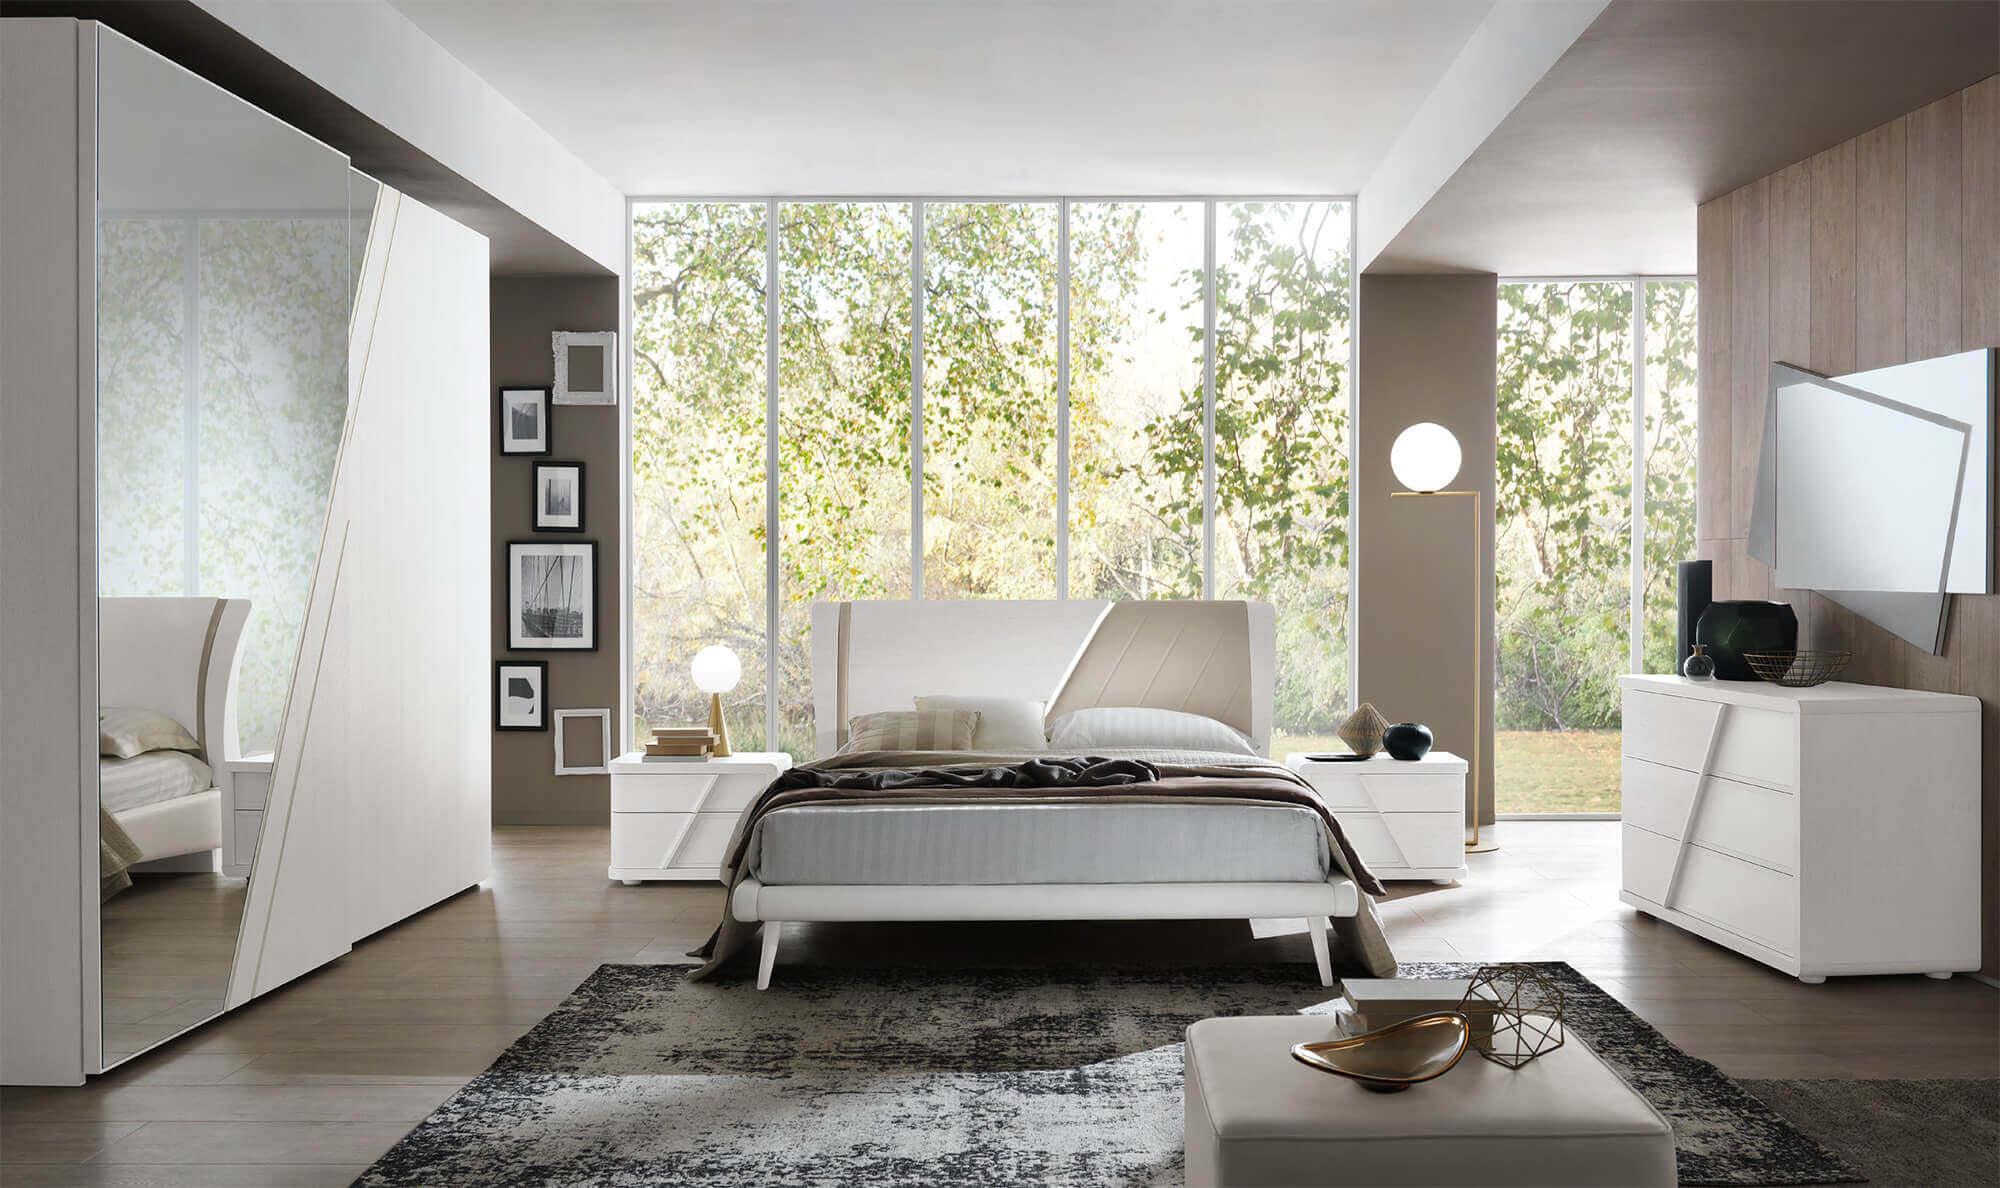 Camere Da Letto Moderne Con Prezzi.Euro Design Arredamento Camere Da Letto Moderne E Classico